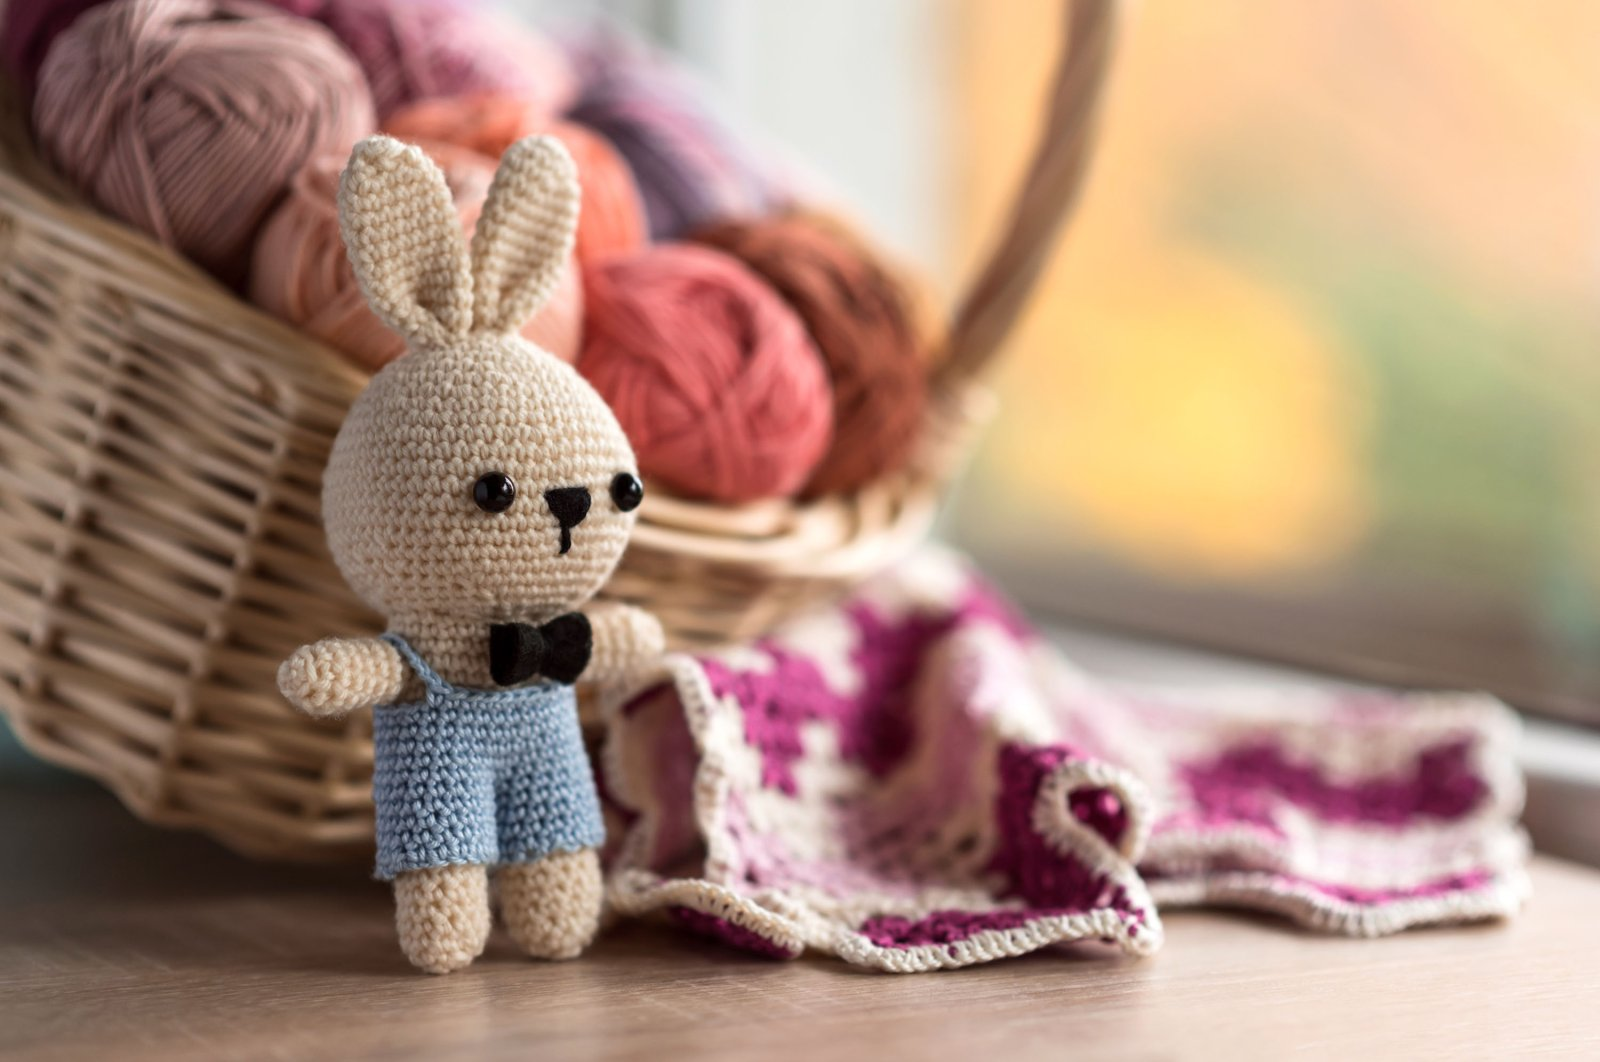 A little bunny amigurumi next to a granny square. (Shutterstock Photo)